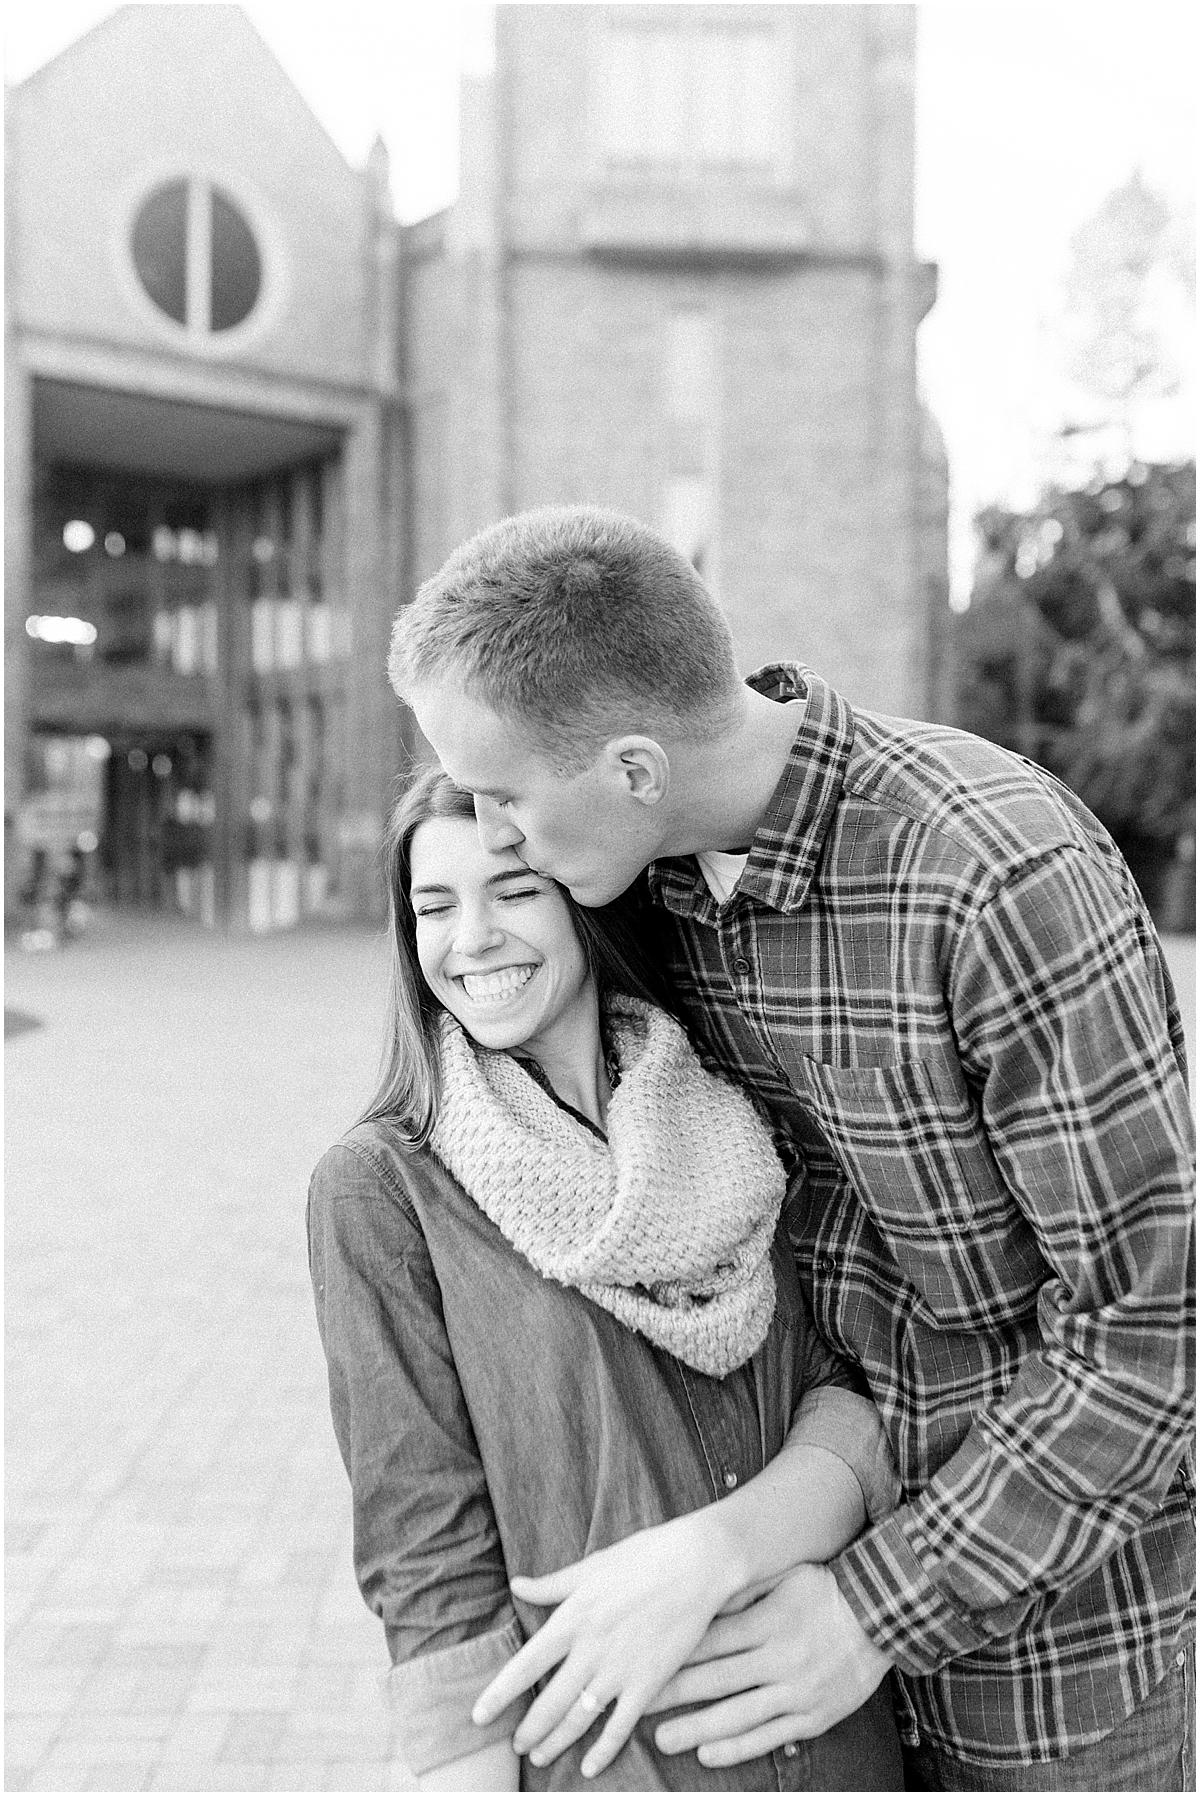 University of Washington Engagement Session | College Campus Photo Session | UW | Seattle Engagement Session | Seattle Wedding Photographer | Emma Rose Company9.jpg